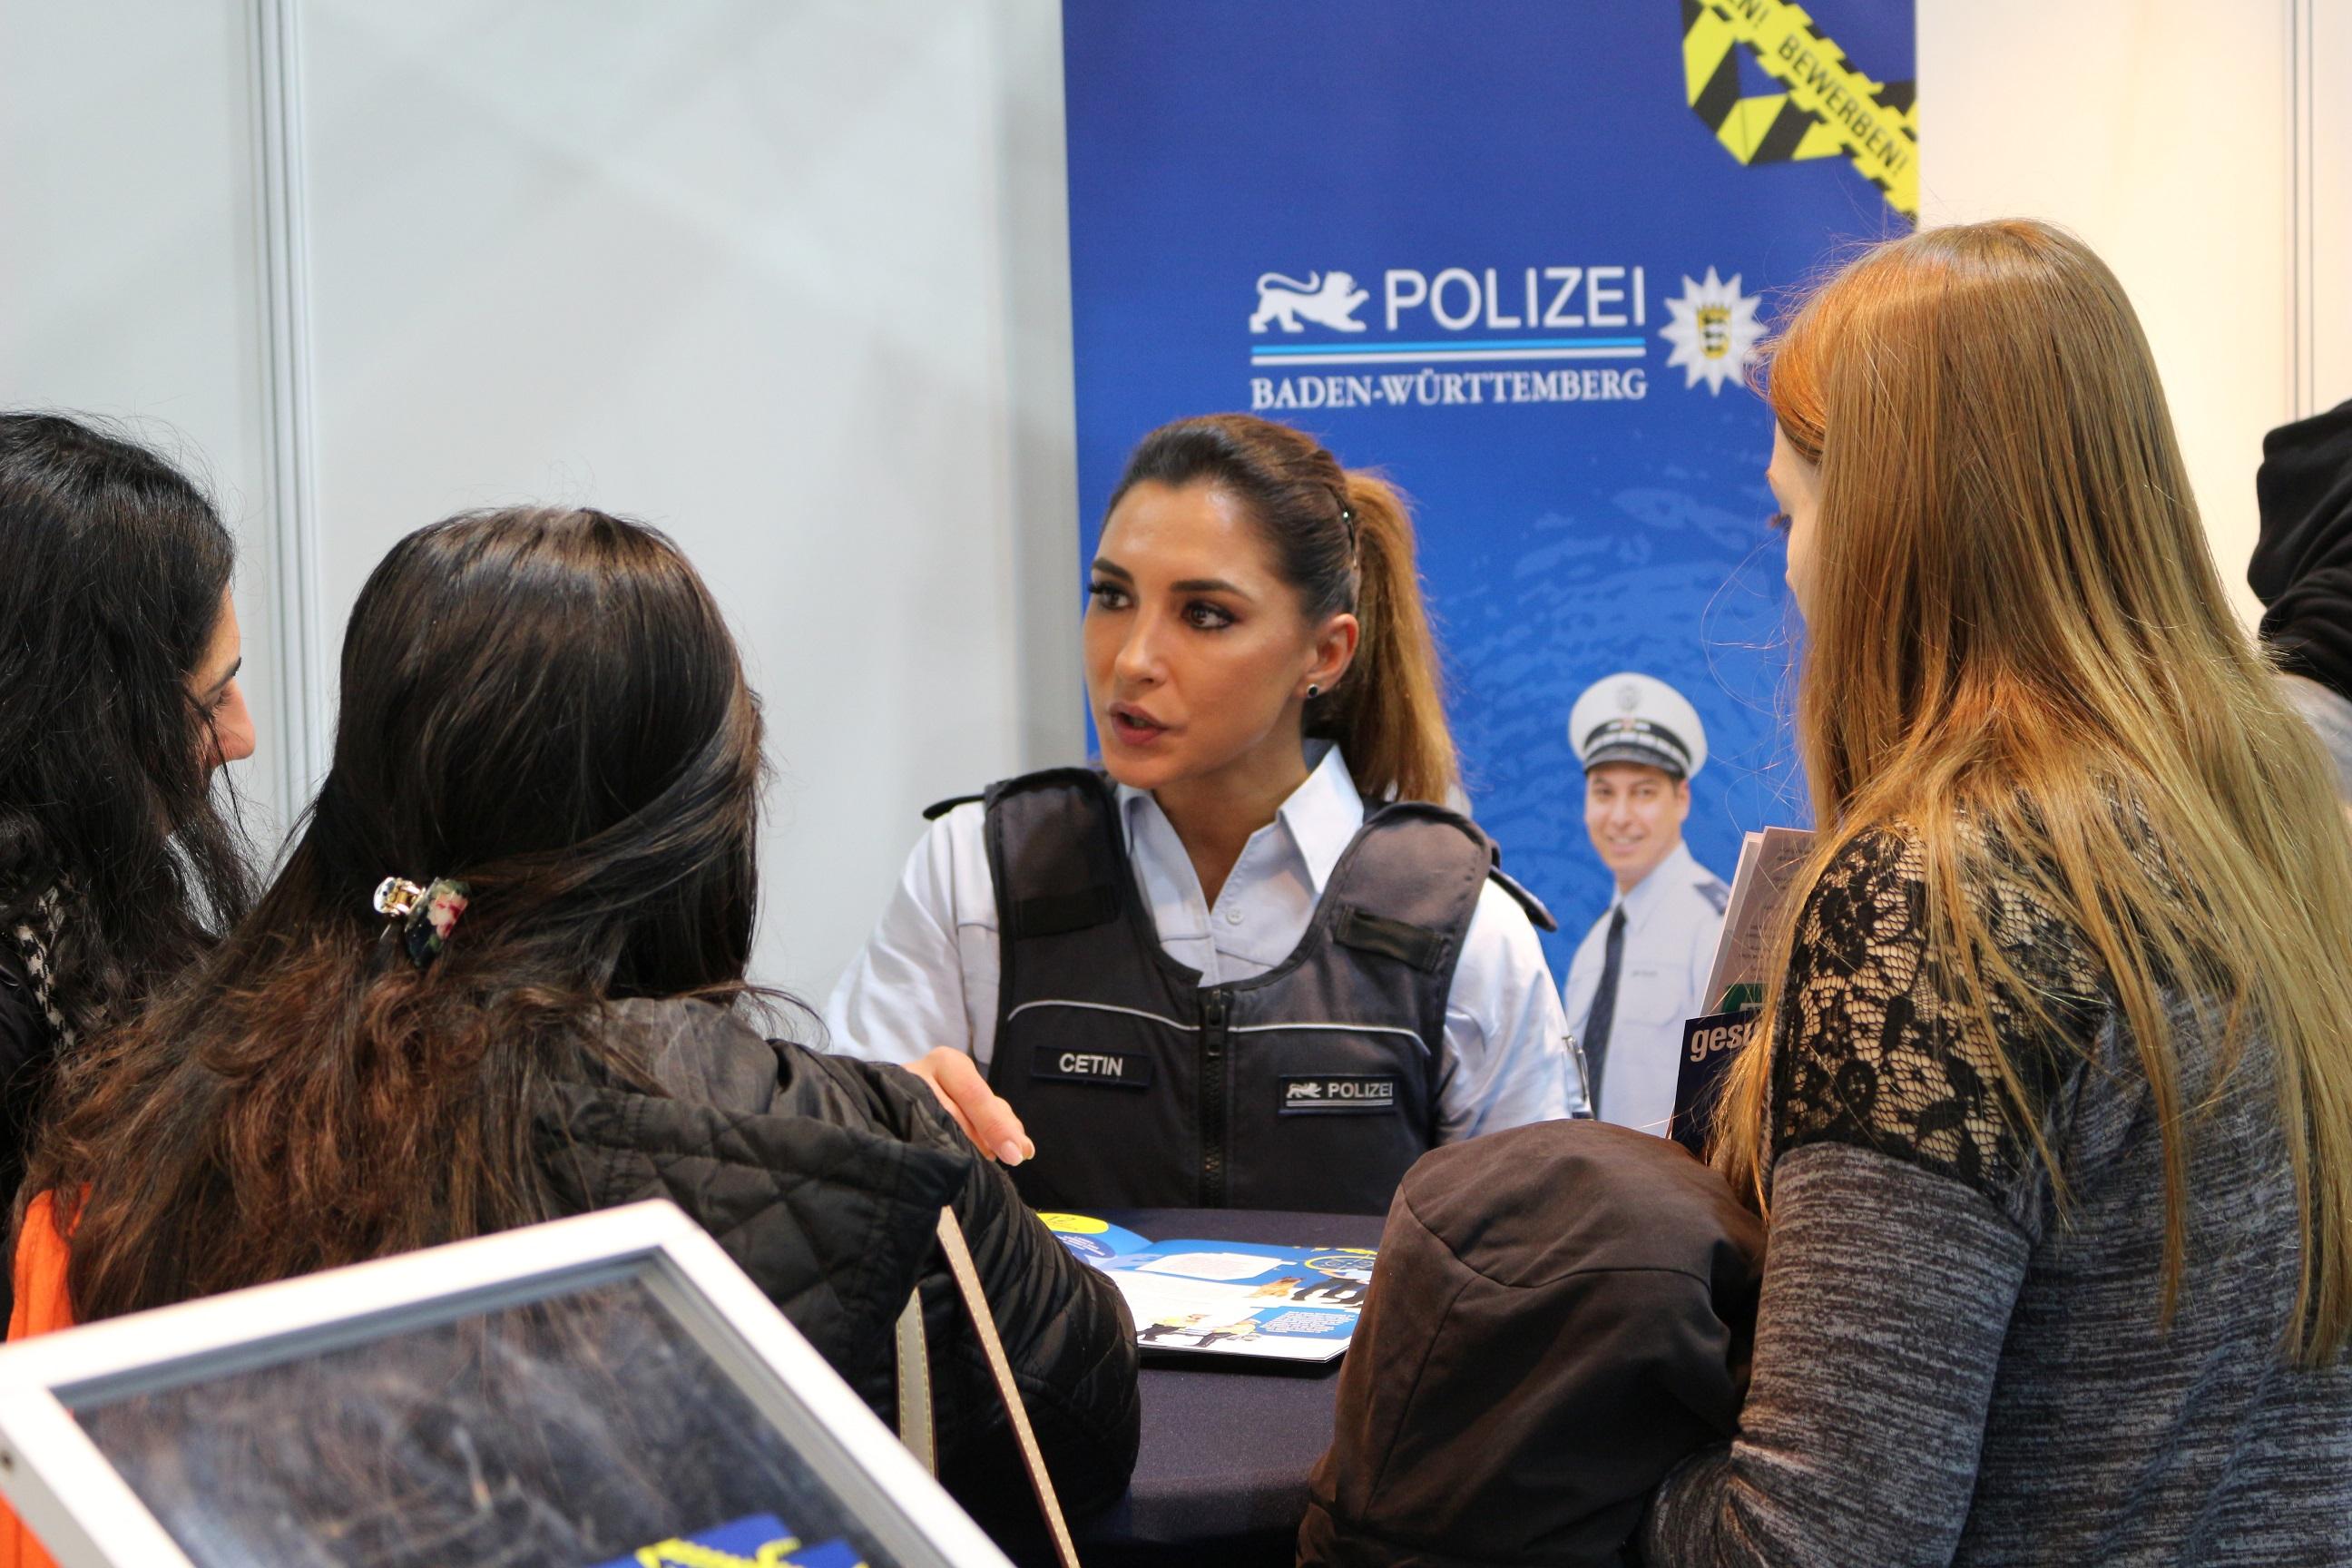 home polizei baden wrttemberg - Bewerbung Polizei Baden Wurttemberg